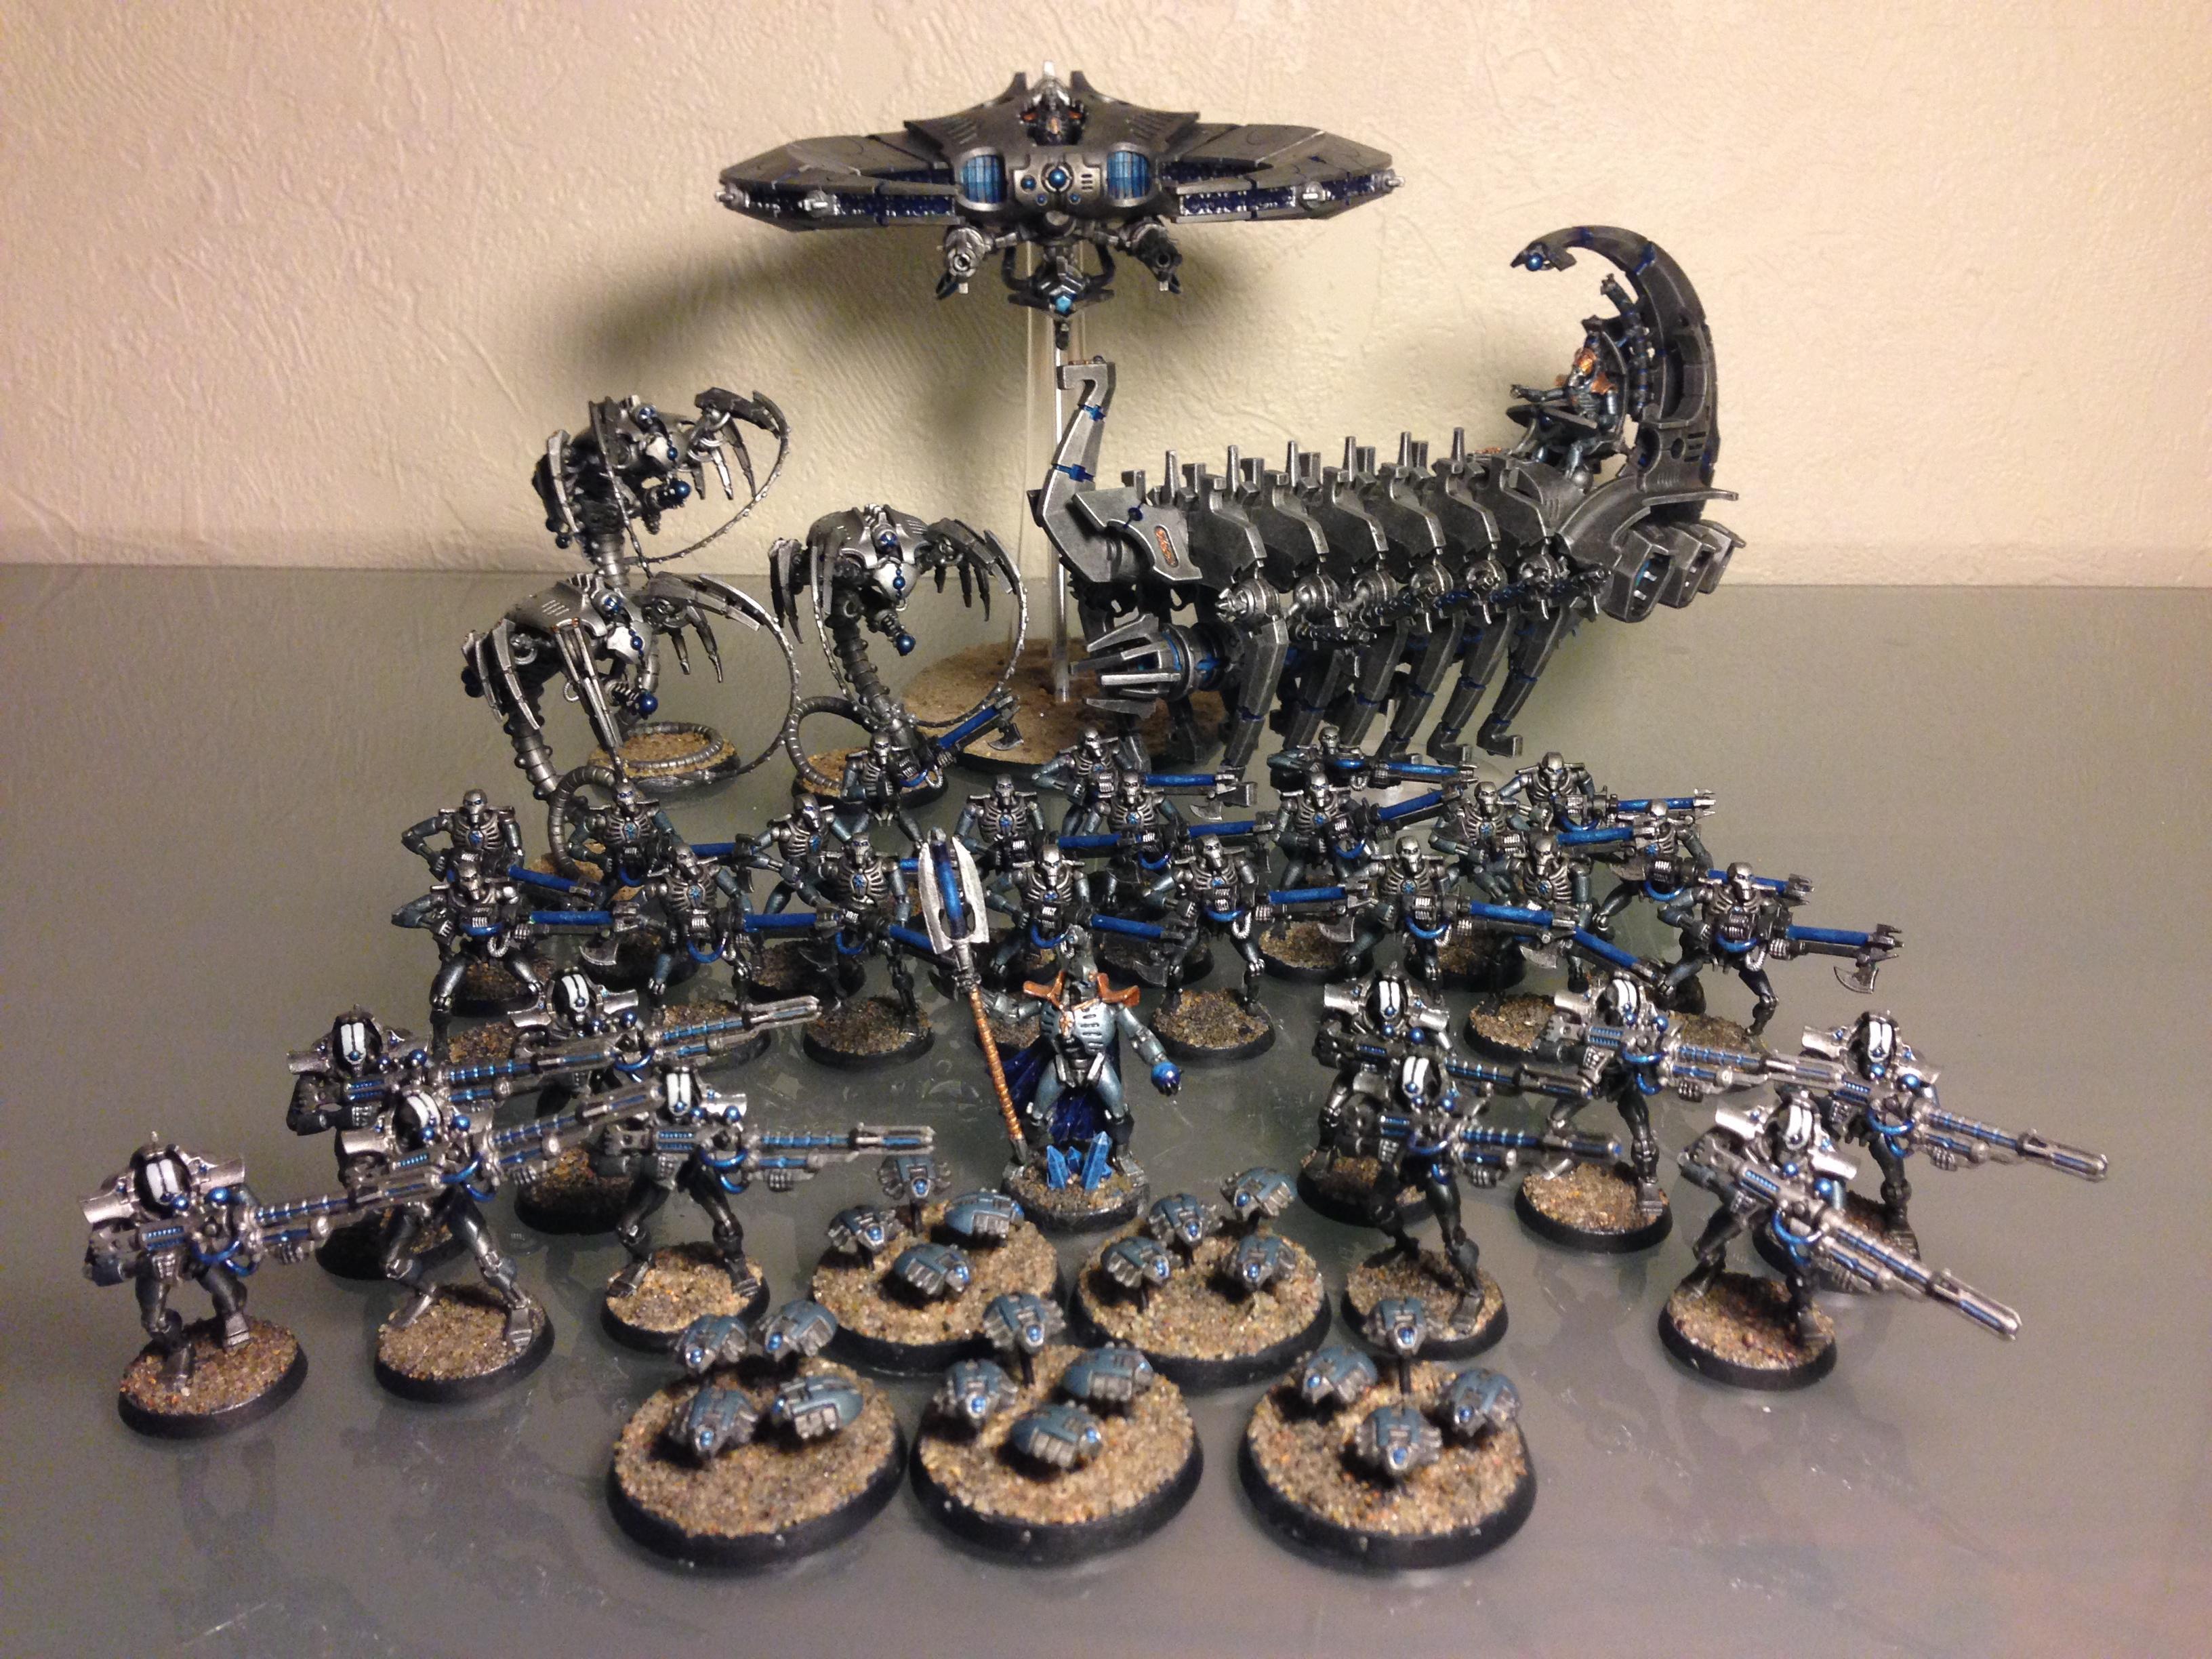 Deathmarks, Necron Lord, Necrons, Necrontyr, Thokt, Warriors, Wraiths